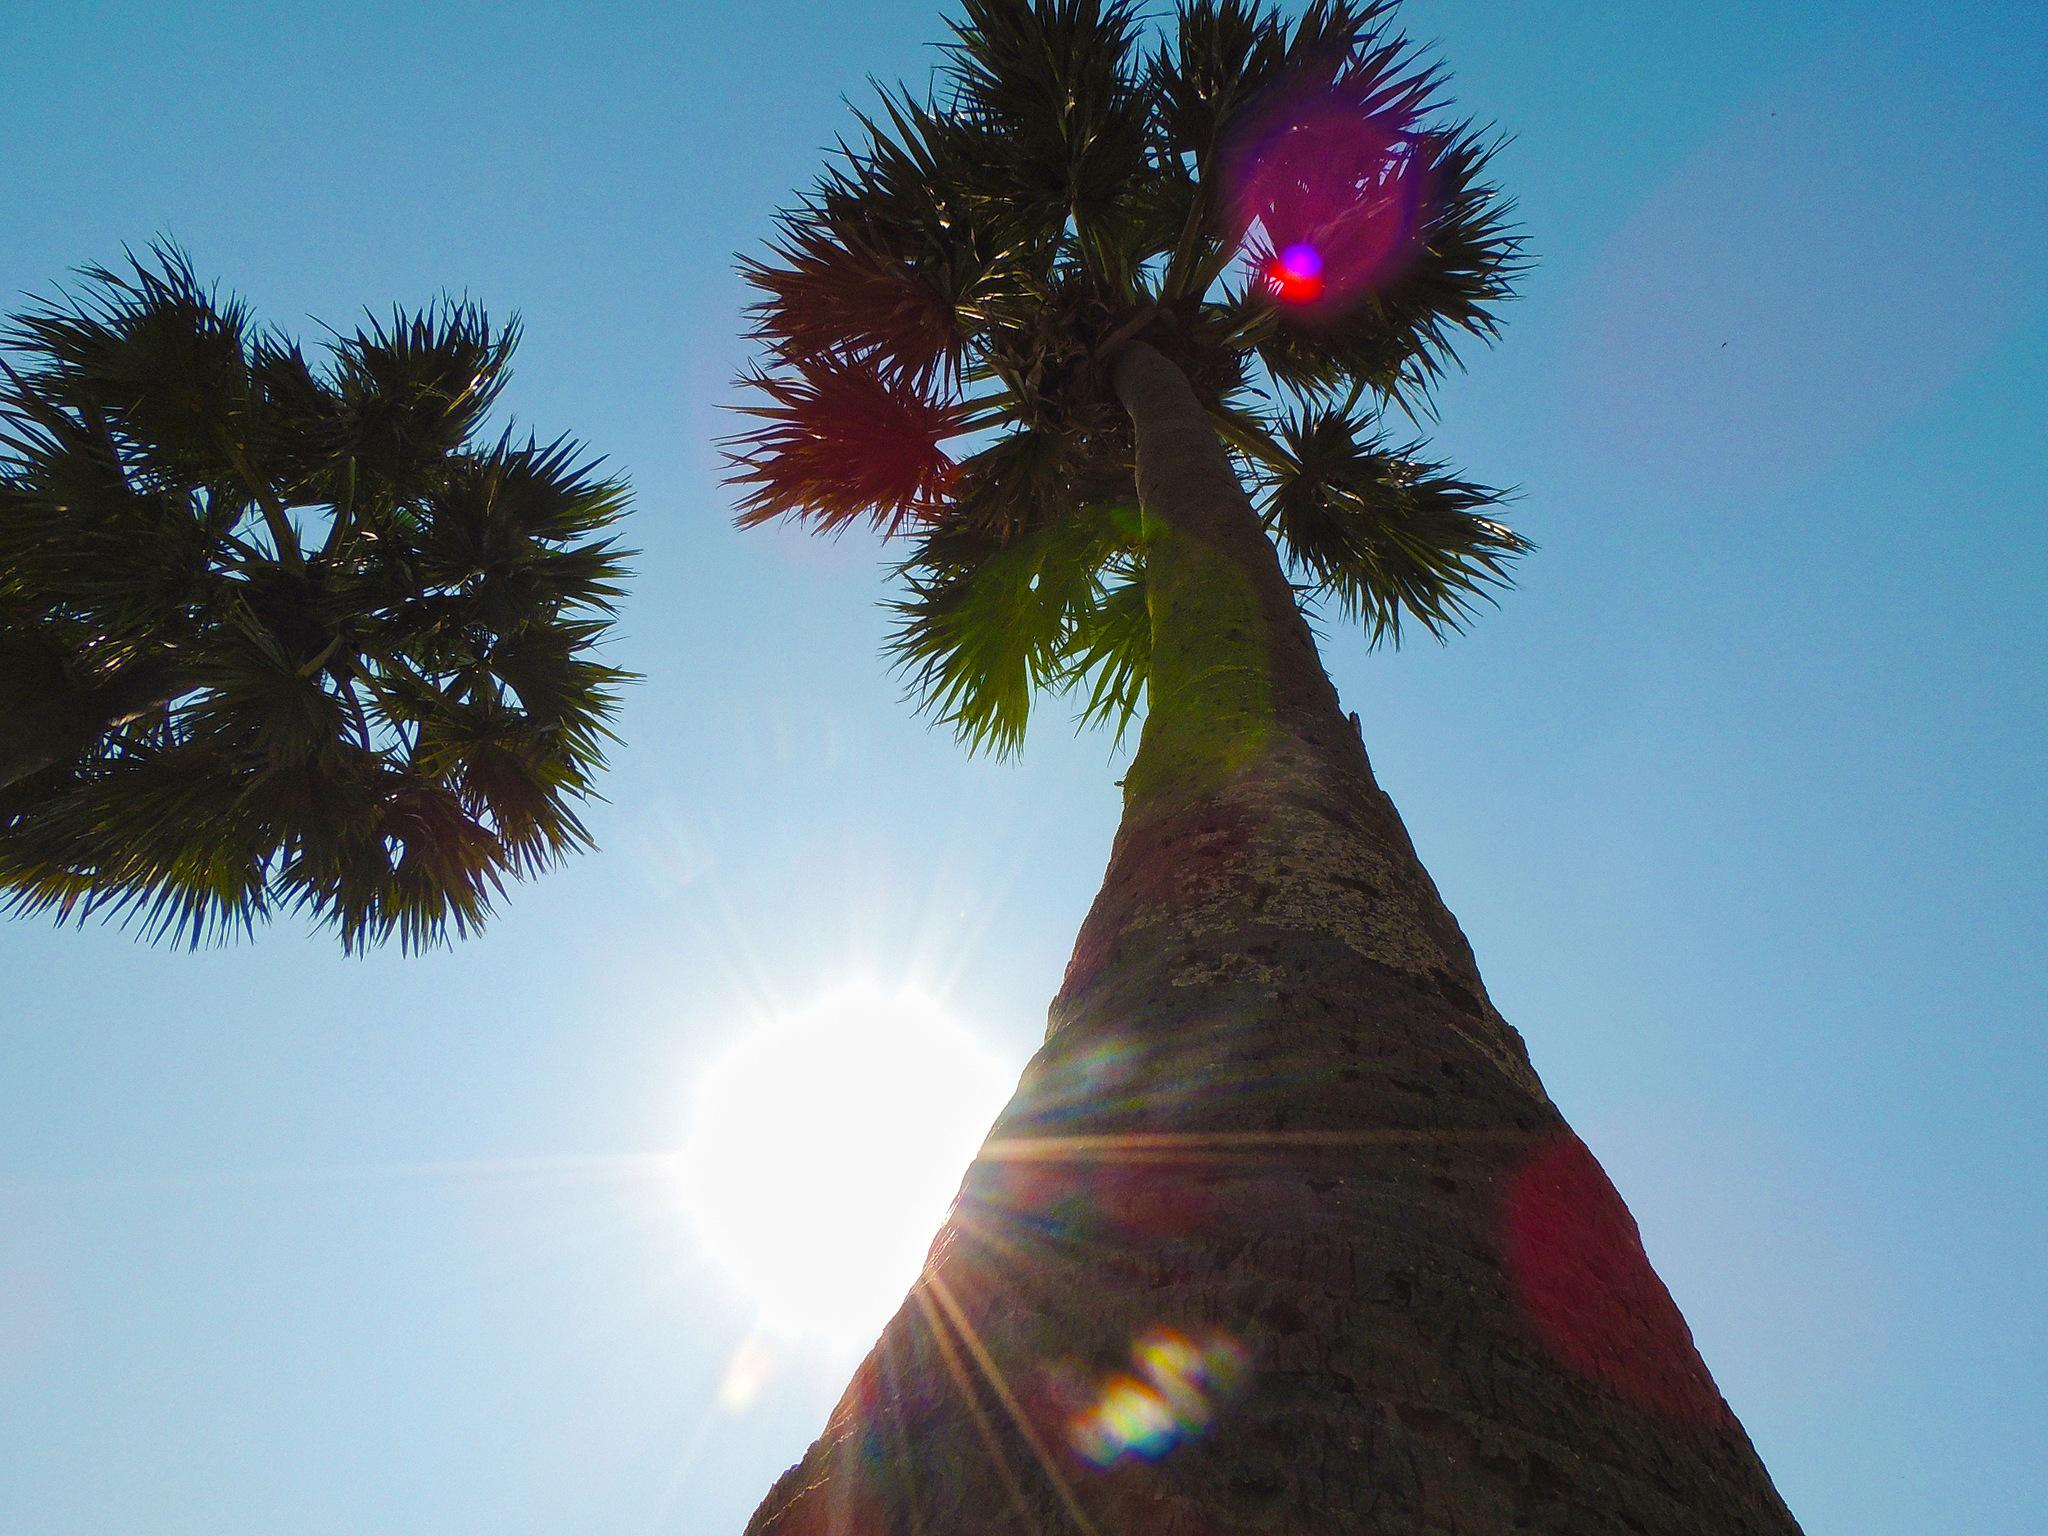 tree by Malay Karmakar